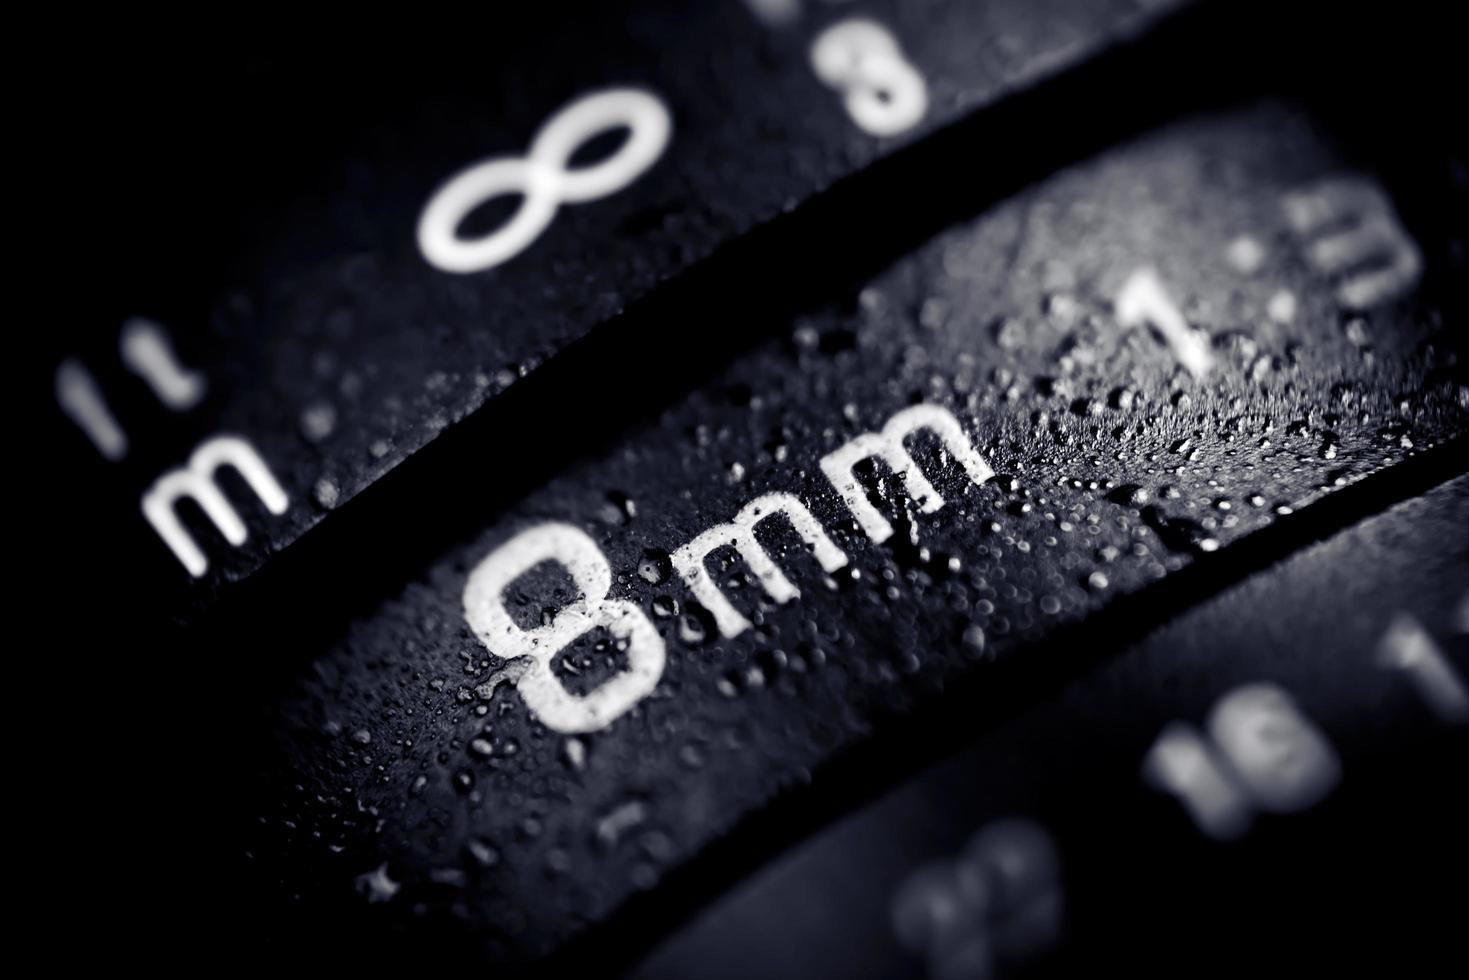 Objectif d'appareil photo numérique 8 mm